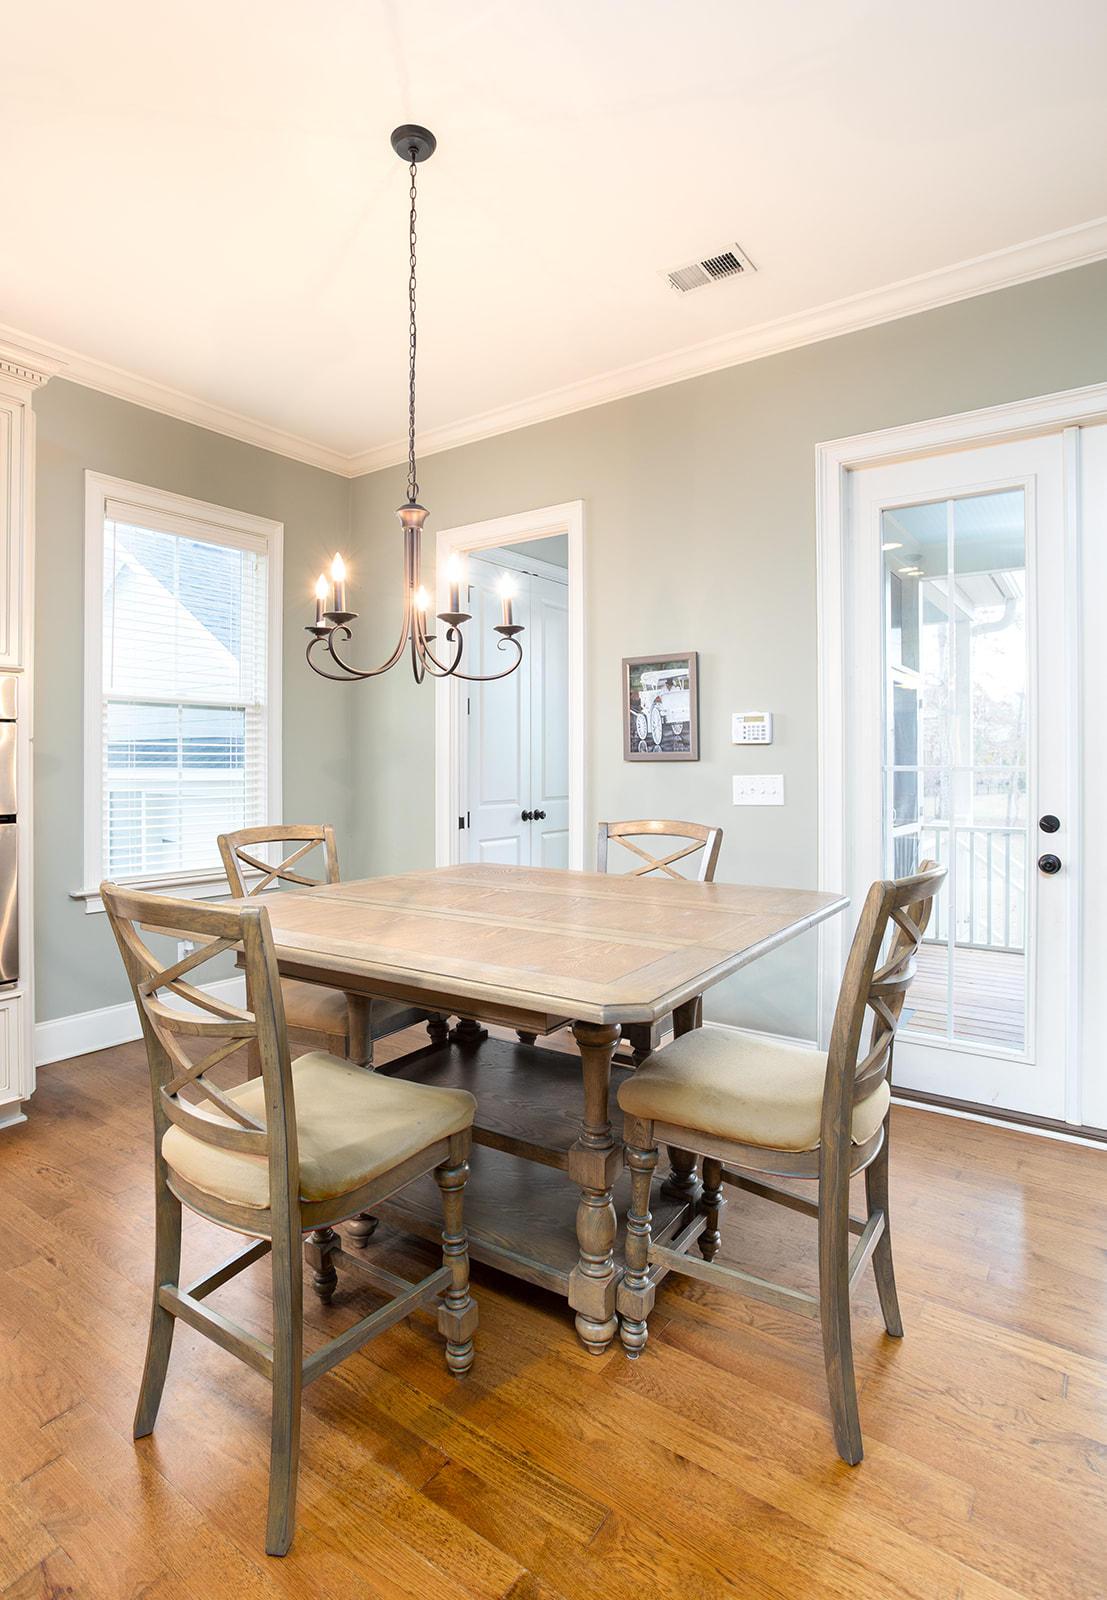 Dunes West Homes For Sale - 3019 Yachtsman, Mount Pleasant, SC - 8